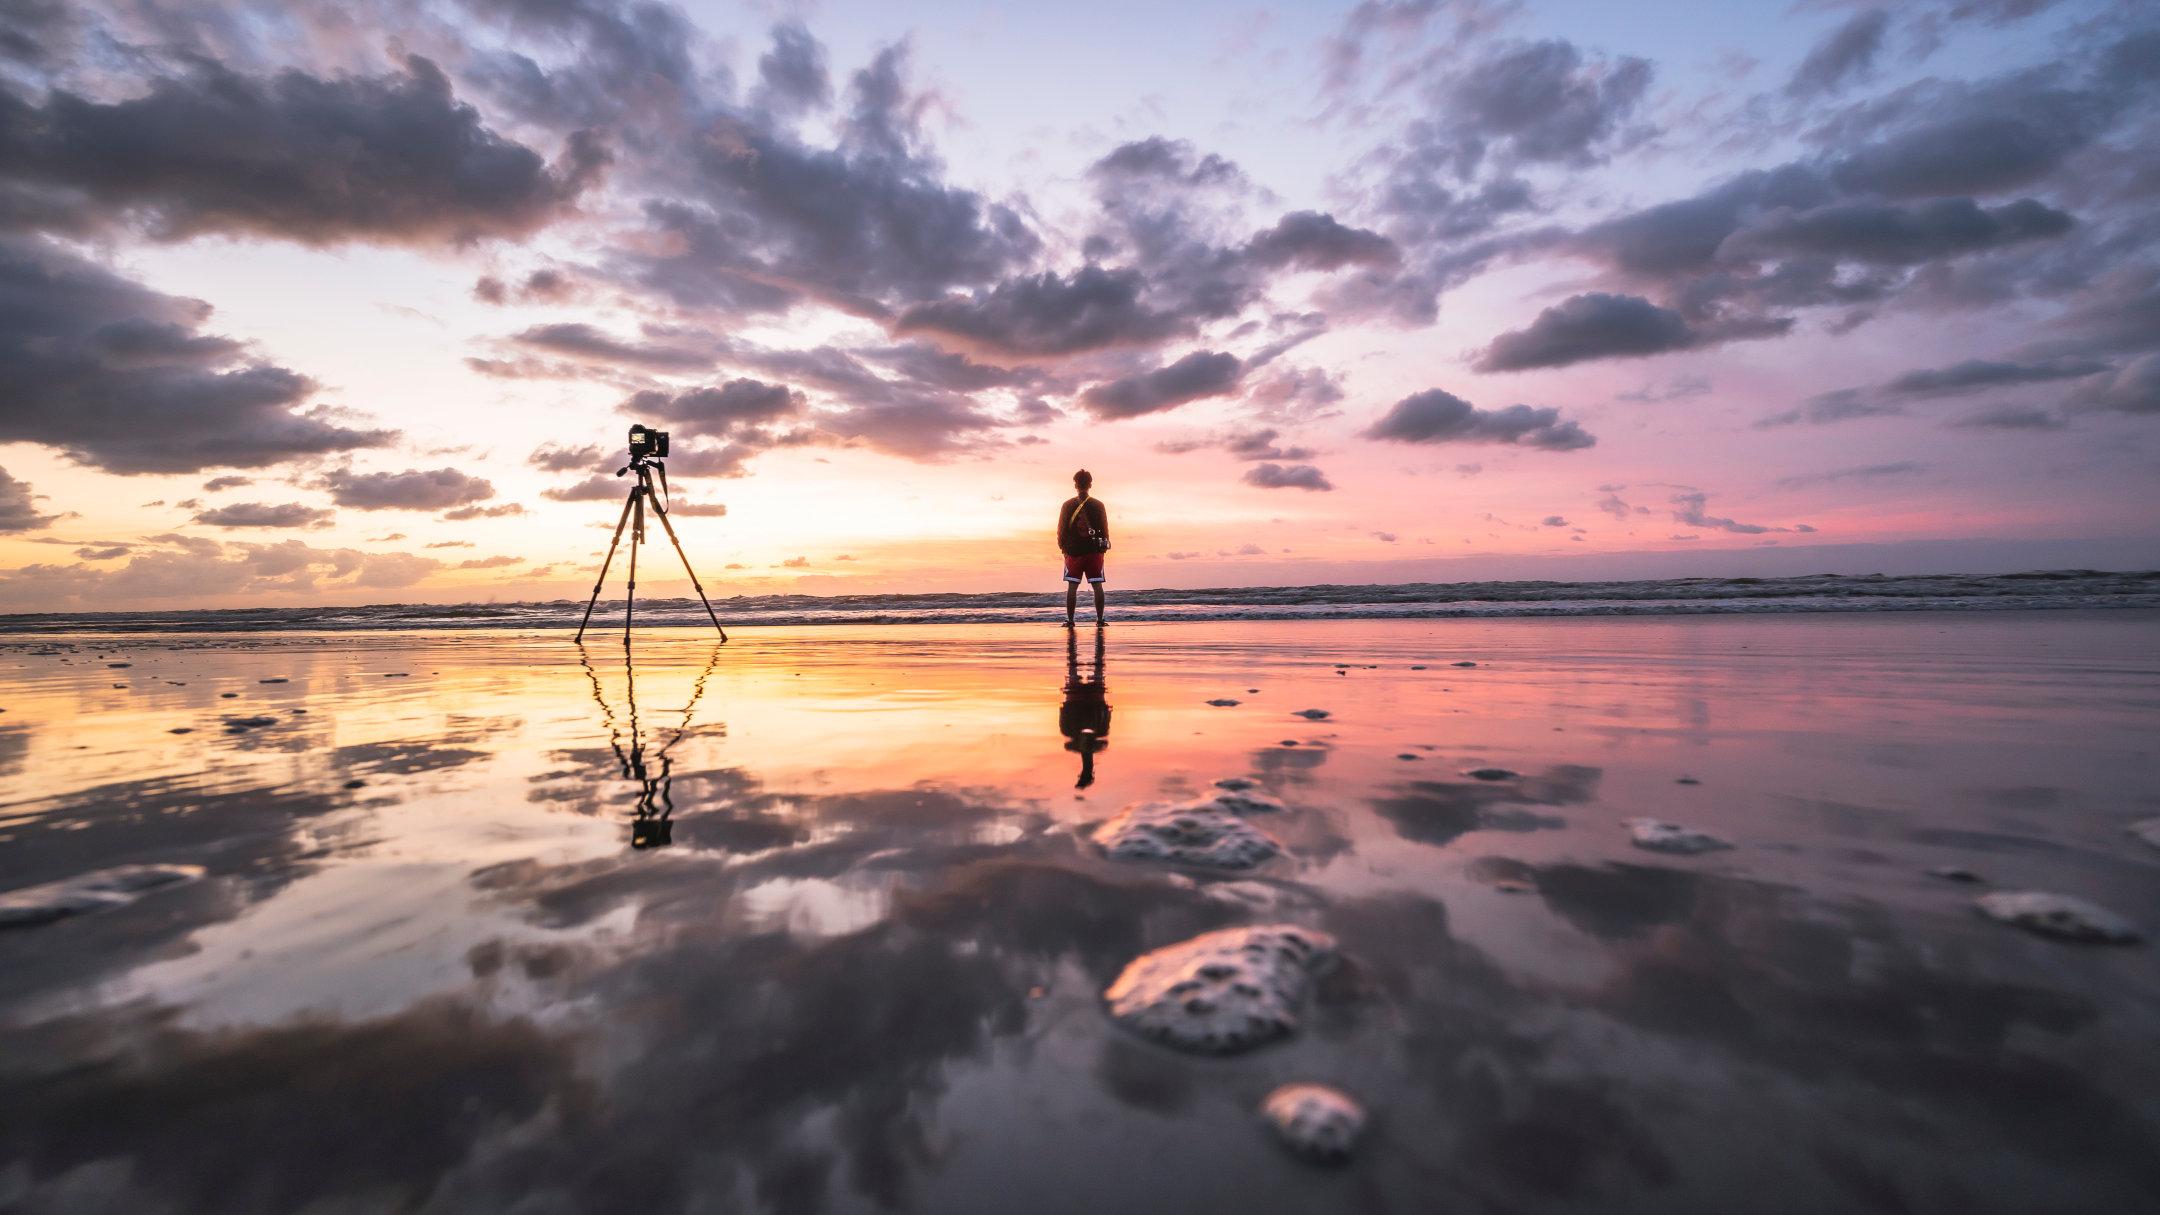 幻想的なリフレクションの撮り方 - 鏡のような反転世界を描く!